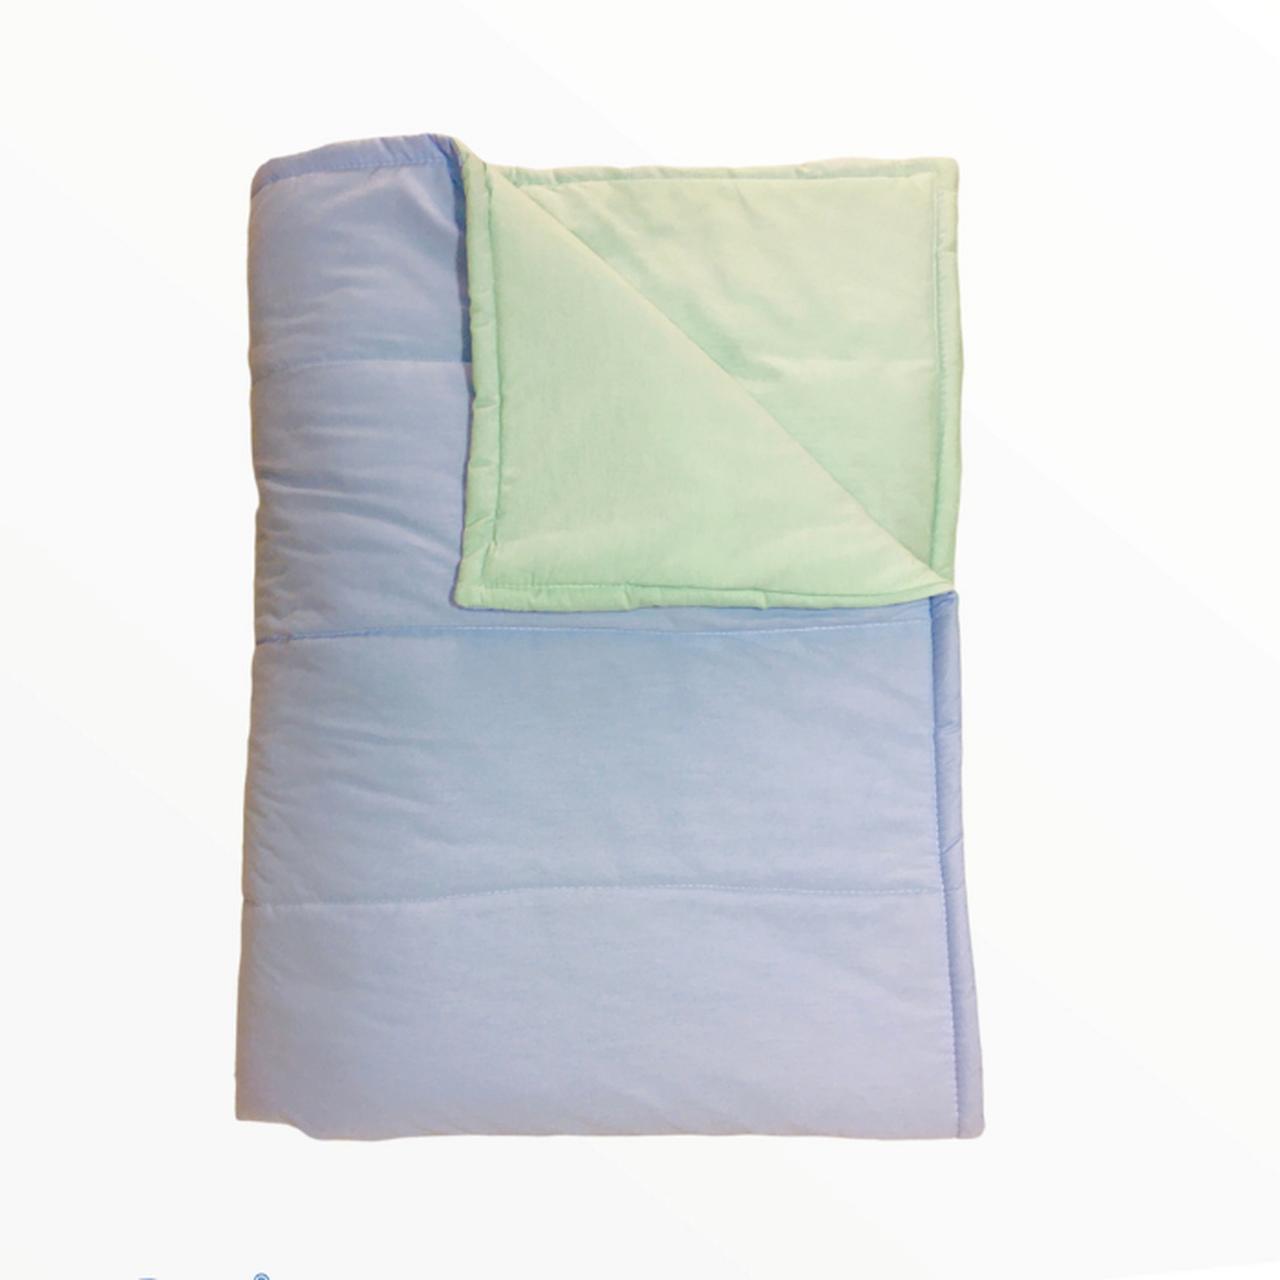 Edredom berço dupla face 100% algodão azul